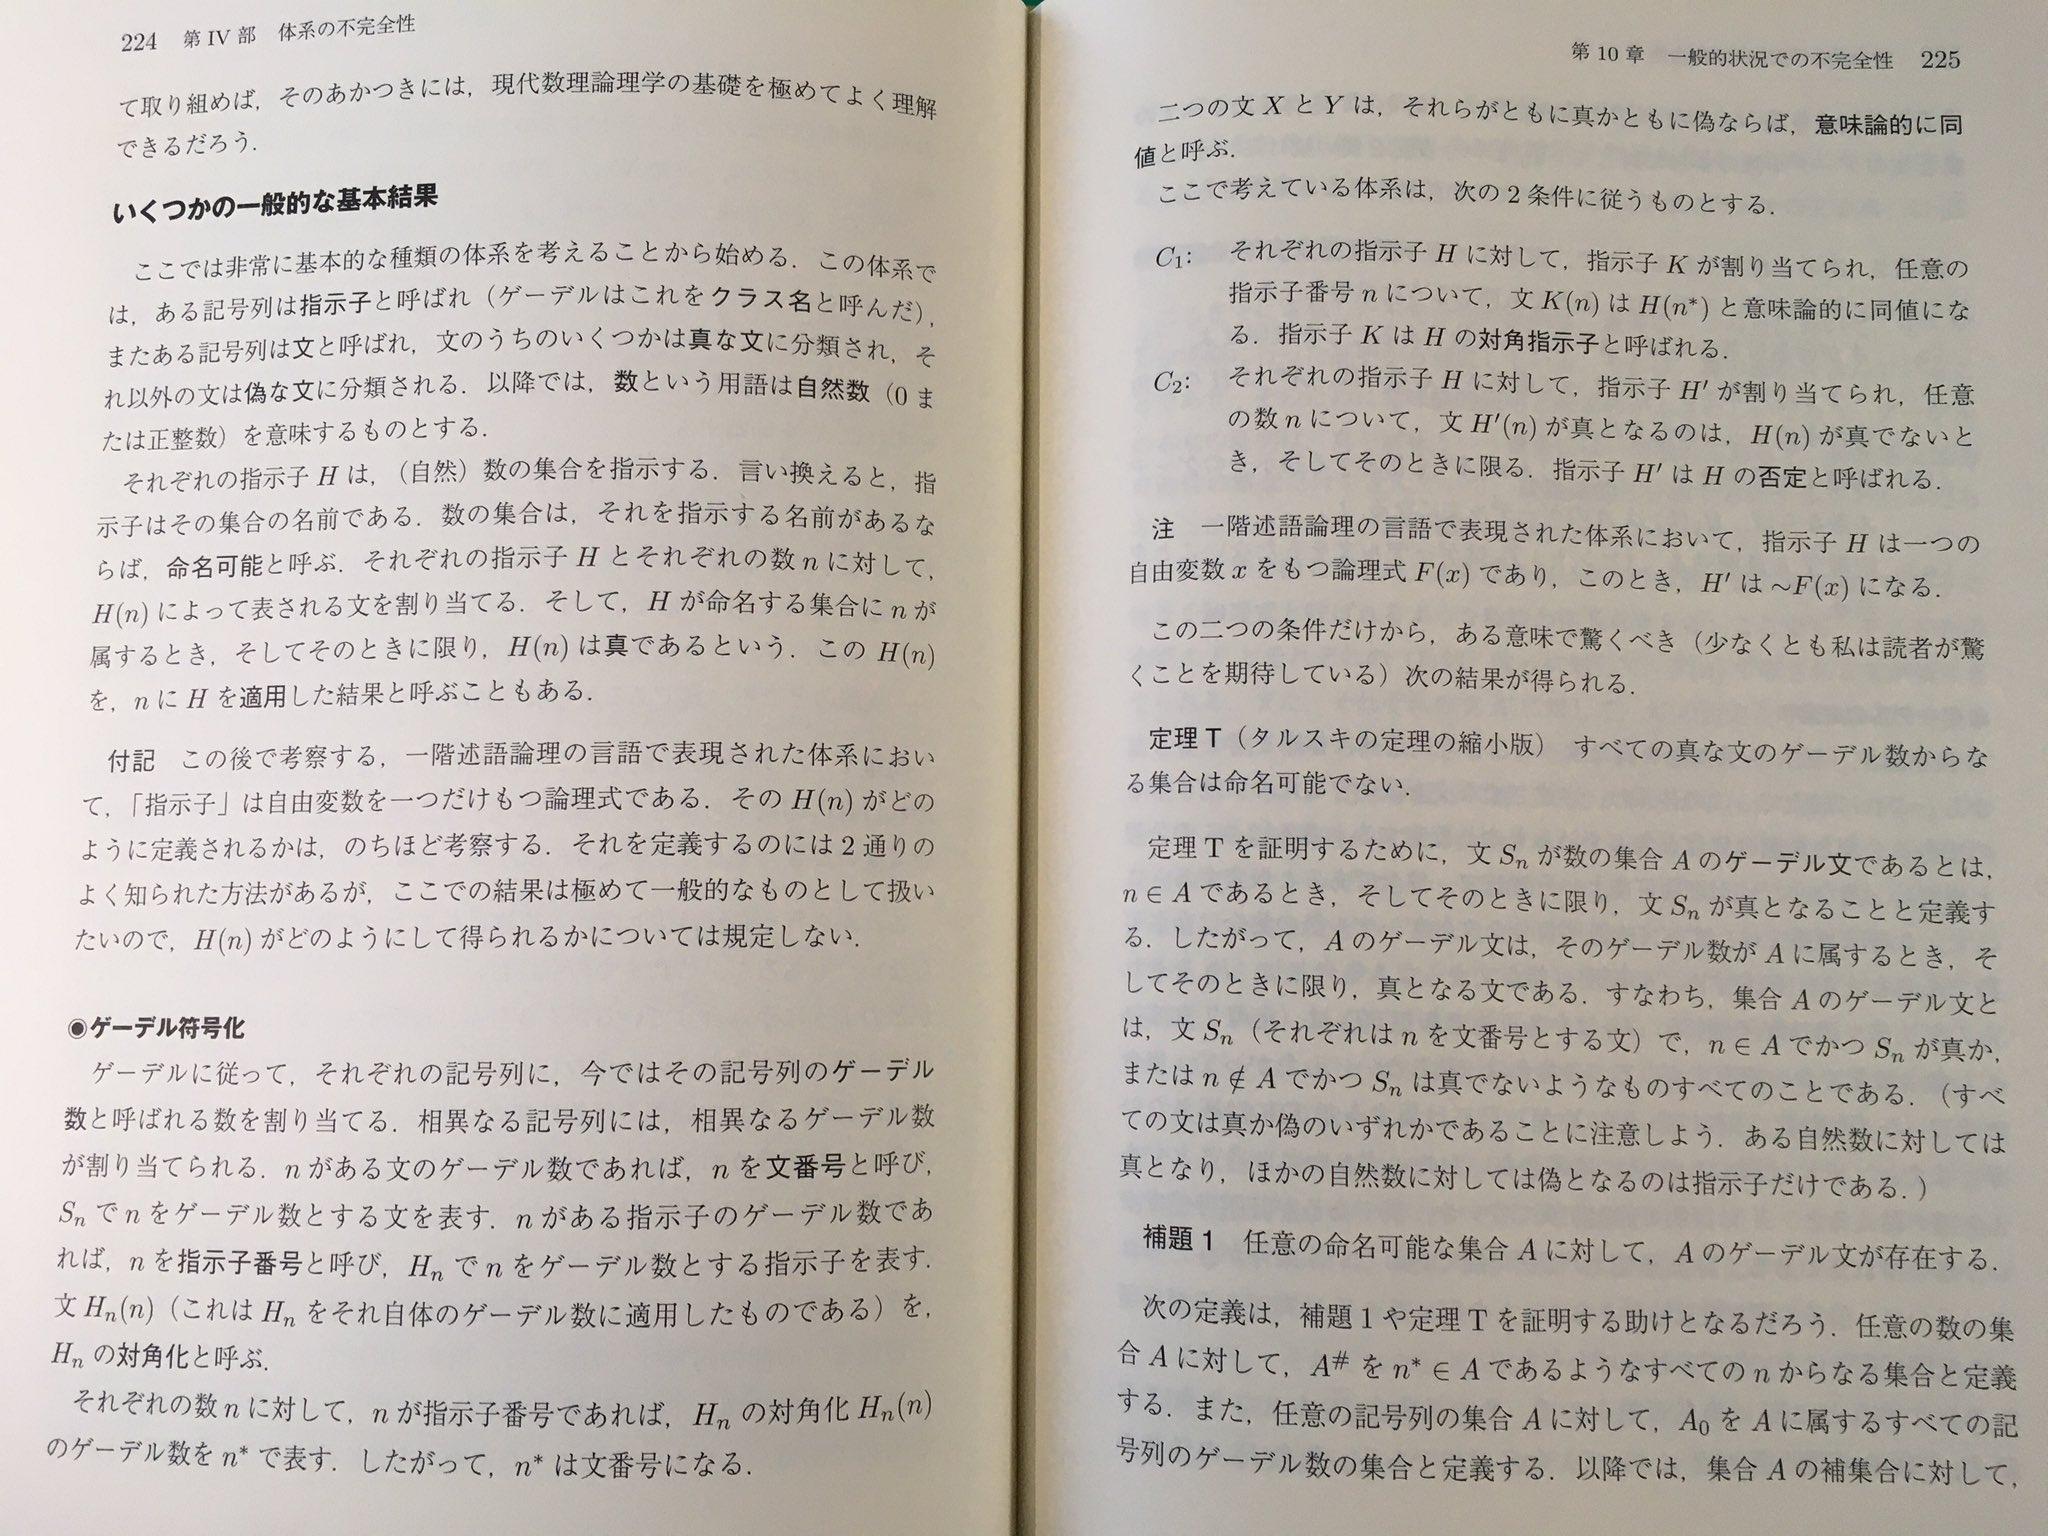 スマリヤン 数理論理学講義(上)P224の学習_d0164691_16584437.jpg